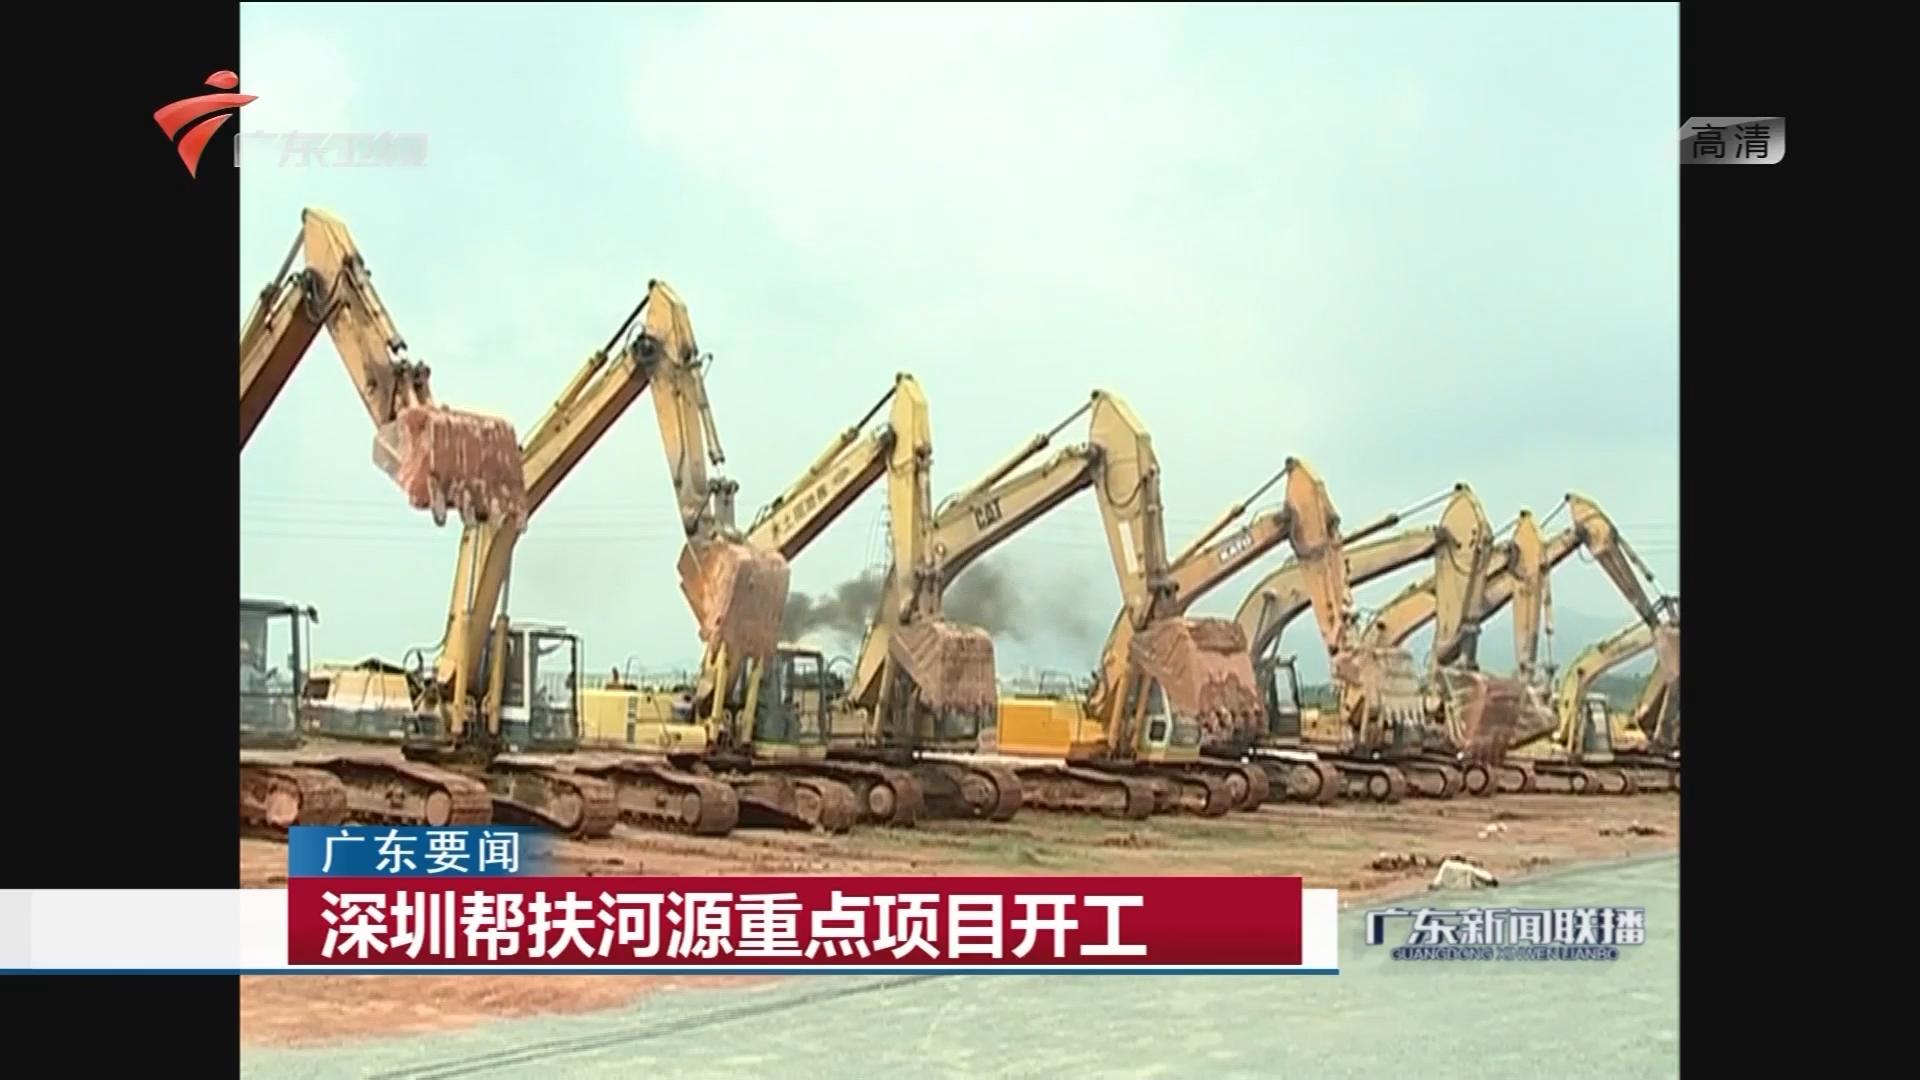 深圳帮扶河源重点项目开工